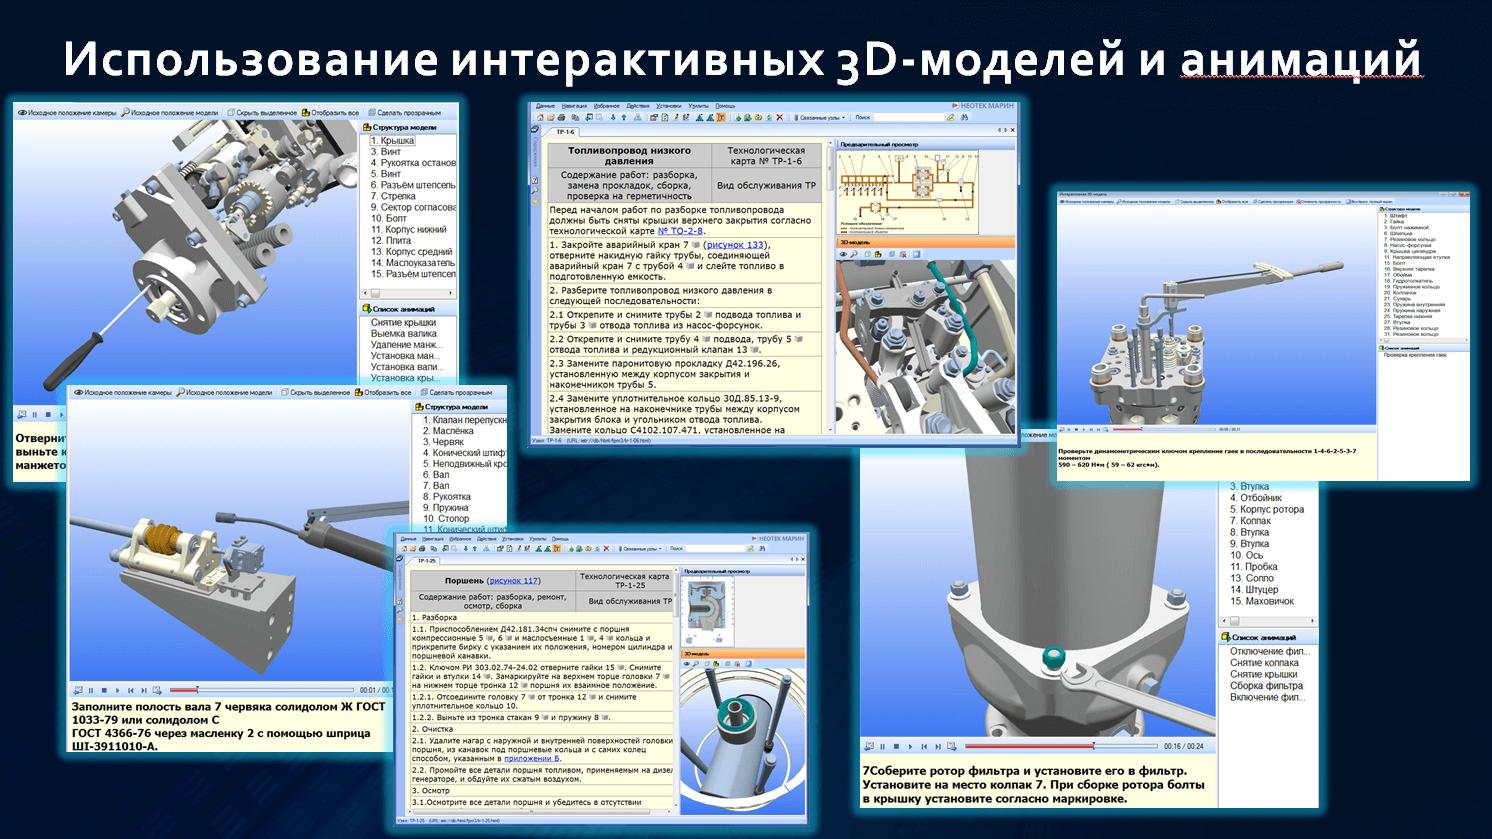 Интерактивные 3D-анимации операций технического обслуживания и ремонта